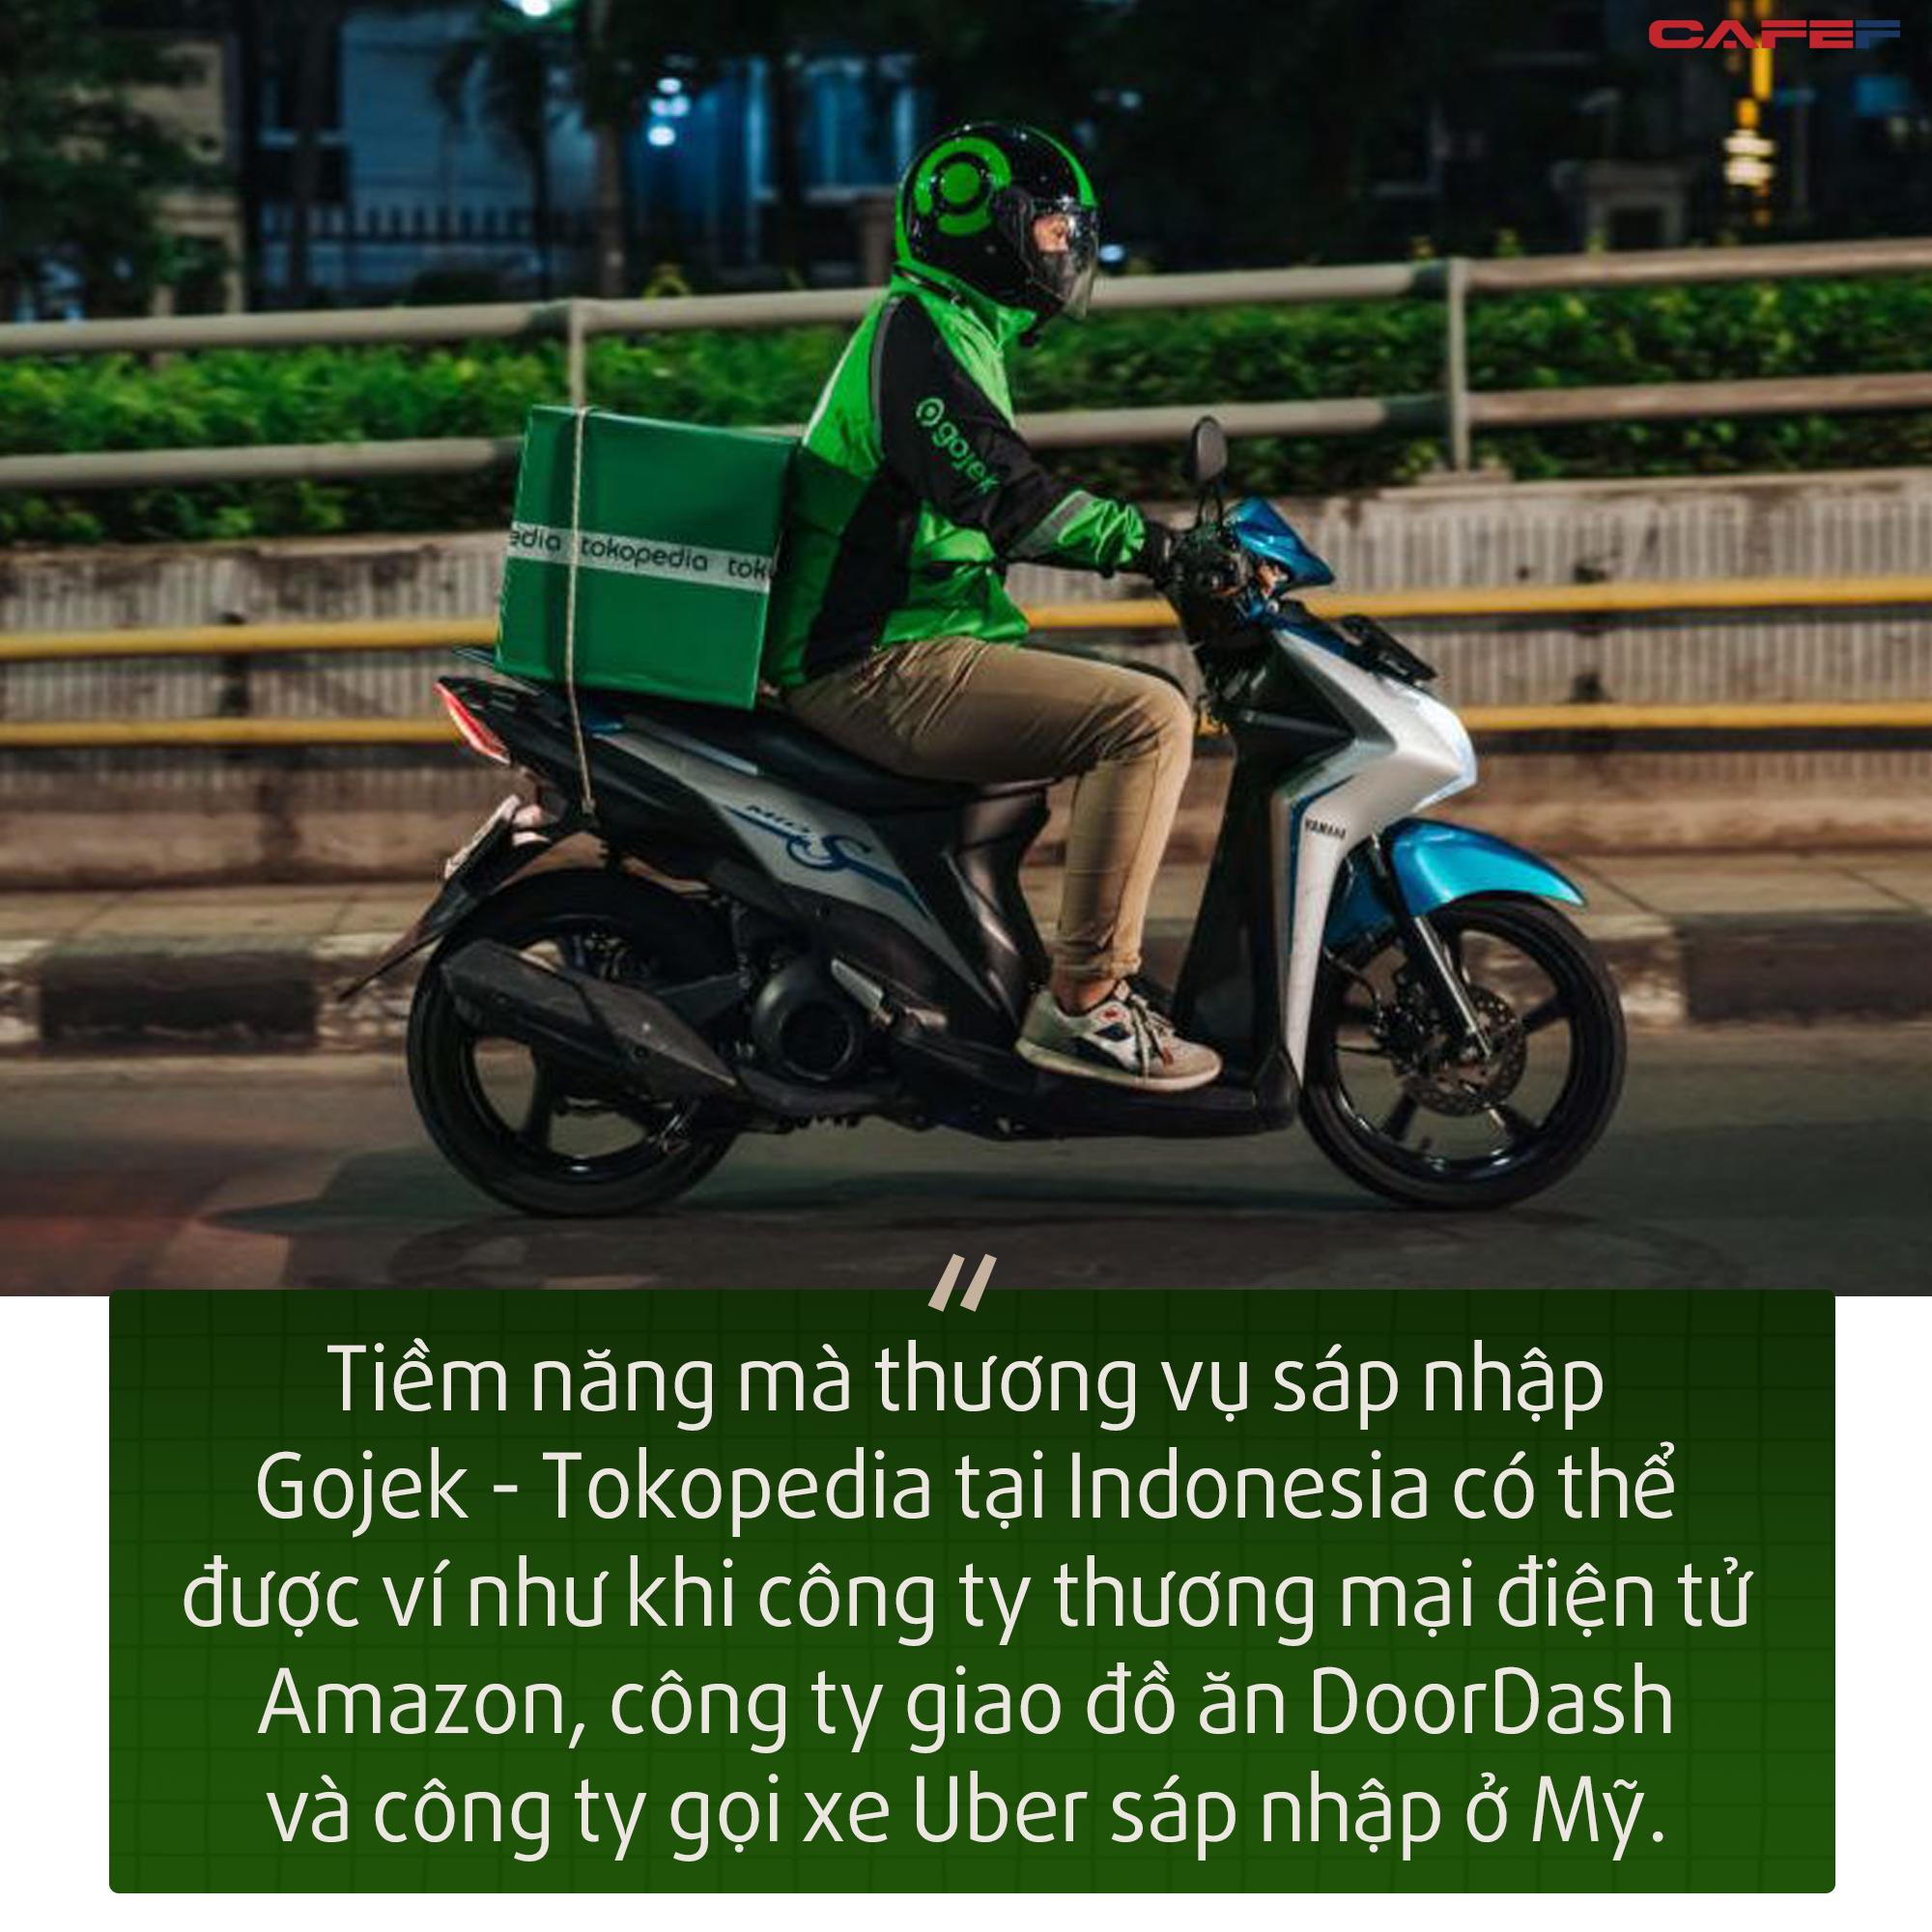 Cuộc đua công nghệ tại Đông Nam Á sẽ ra sao khi xuất hiện công ty công nghệ mới GoTo? - Ảnh 2.